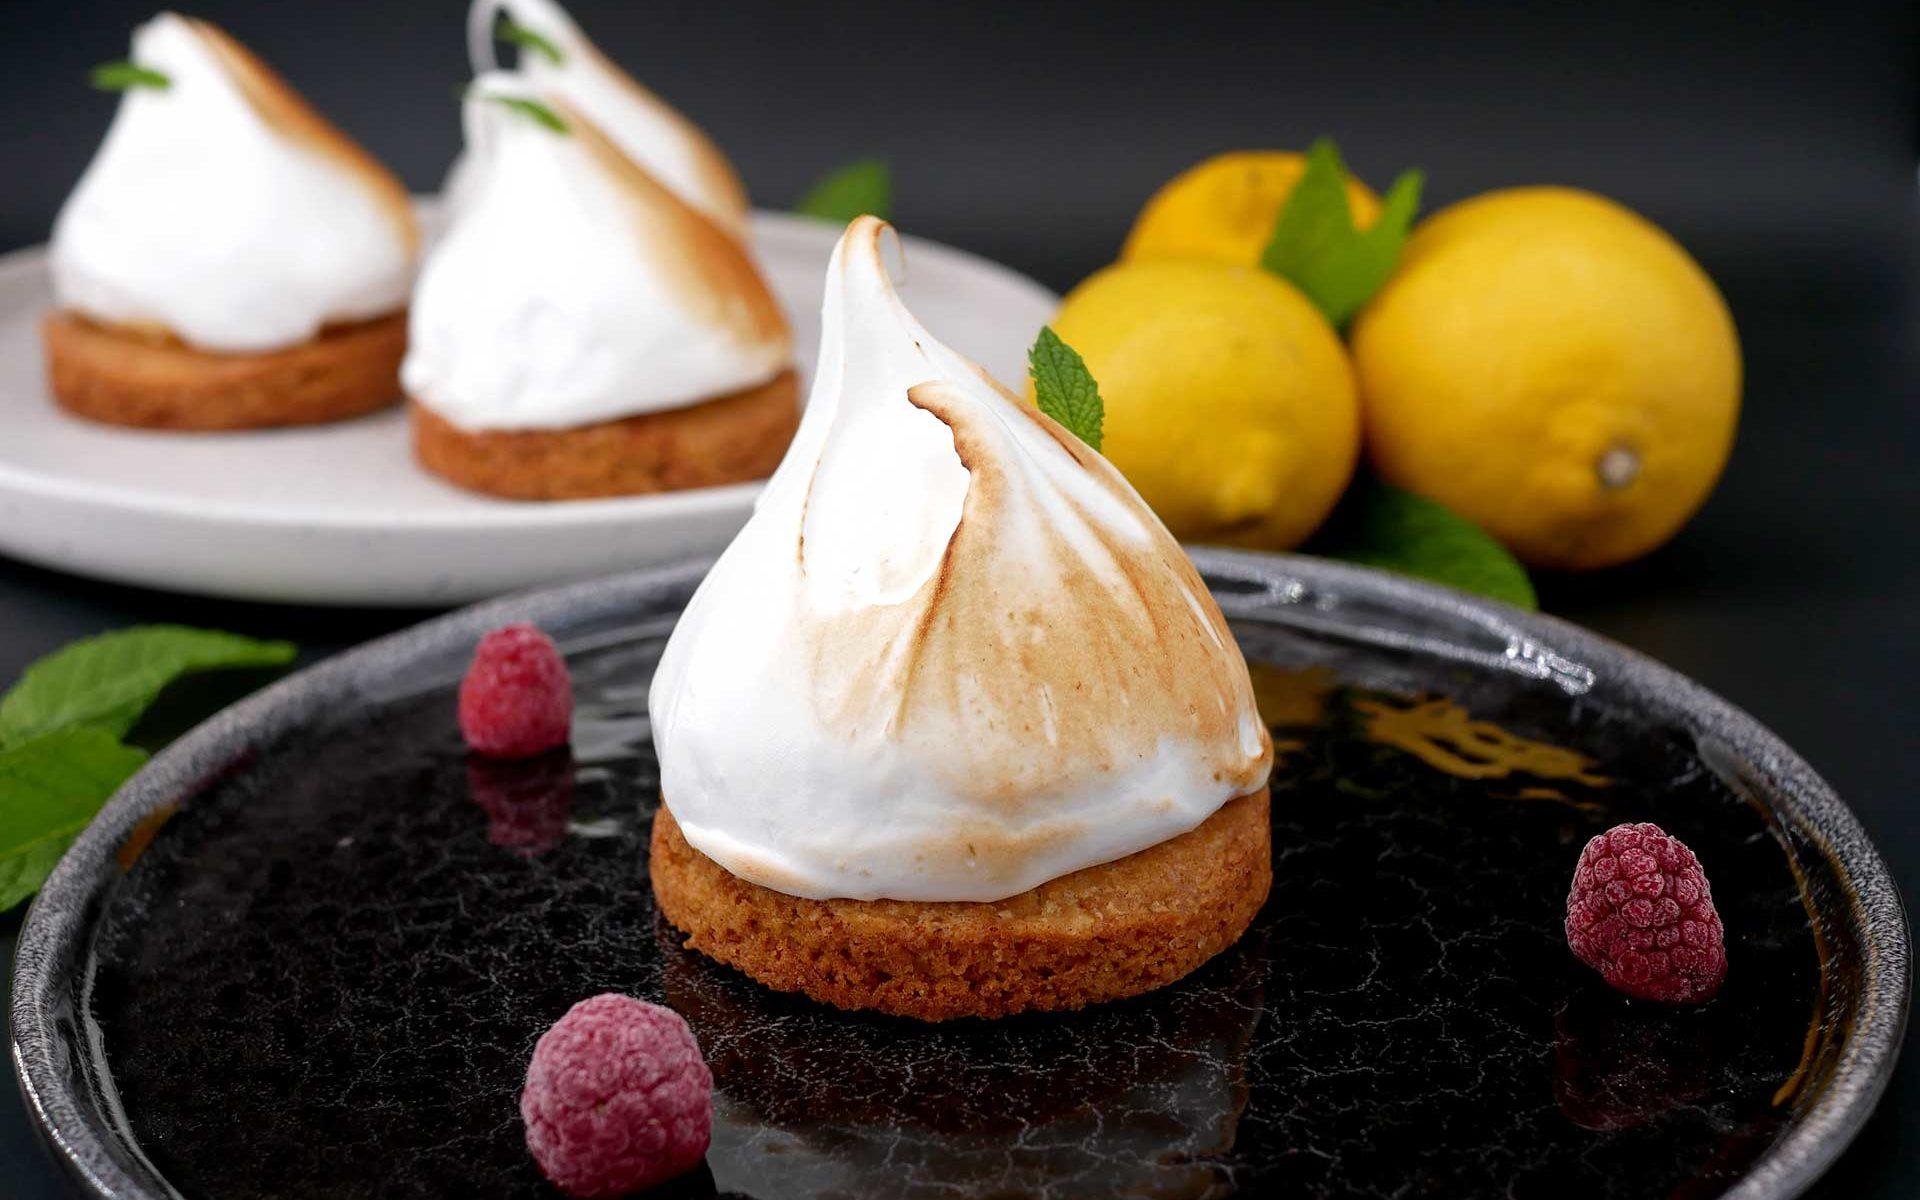 Tartelettes au citron meringuée et coeur coulant à la framboise